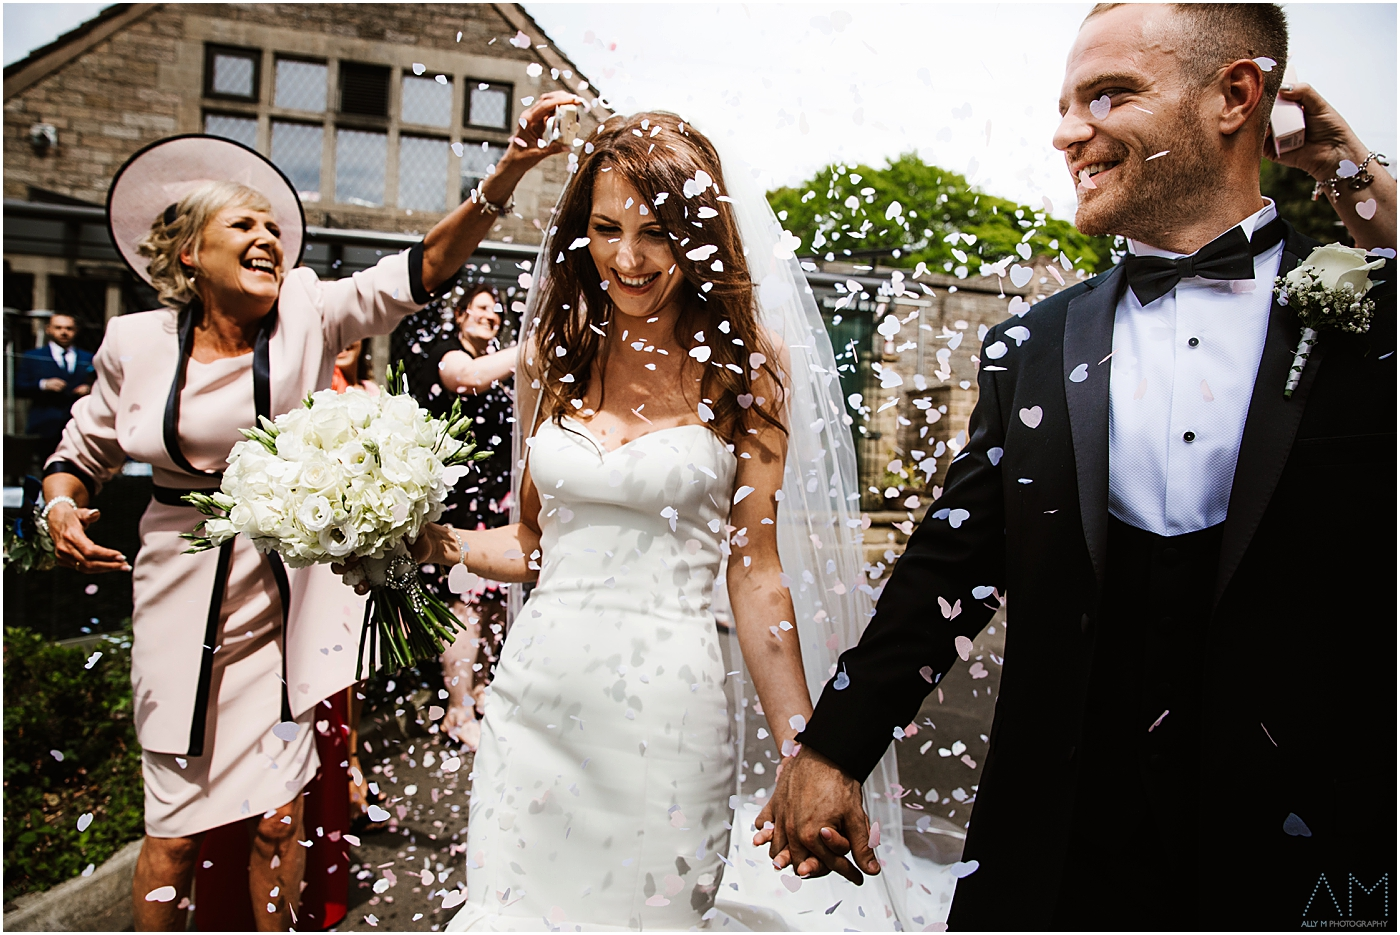 wedding guests throw confetti